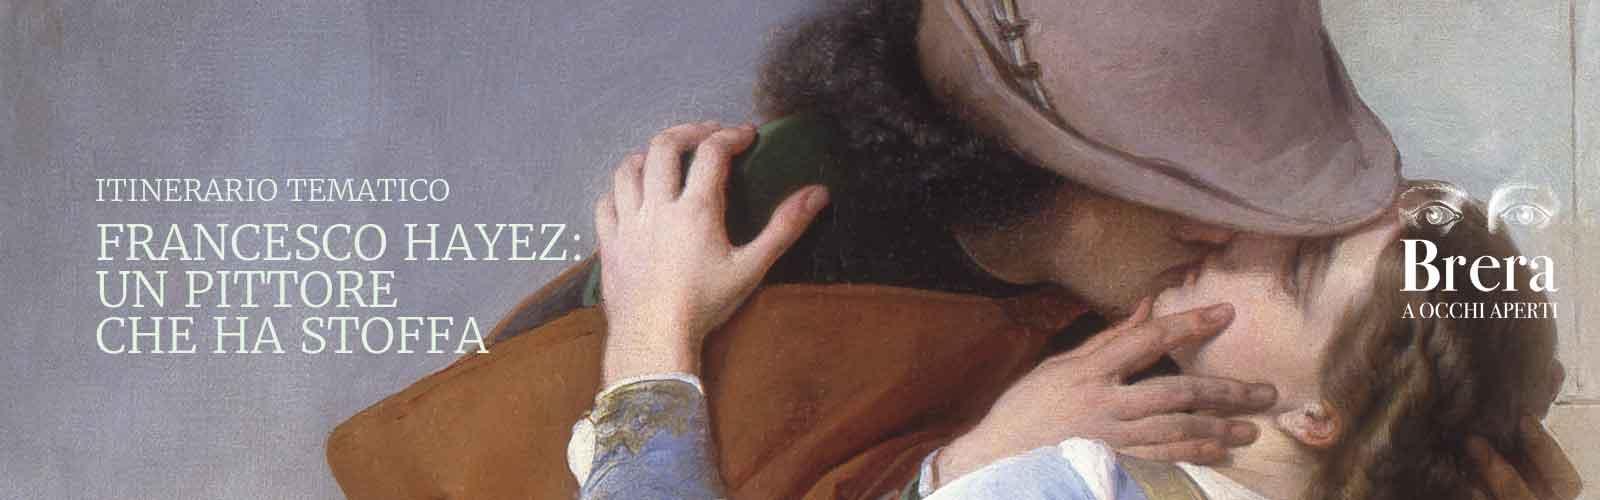 Francesco Hayez: un pittore che ha stoffa